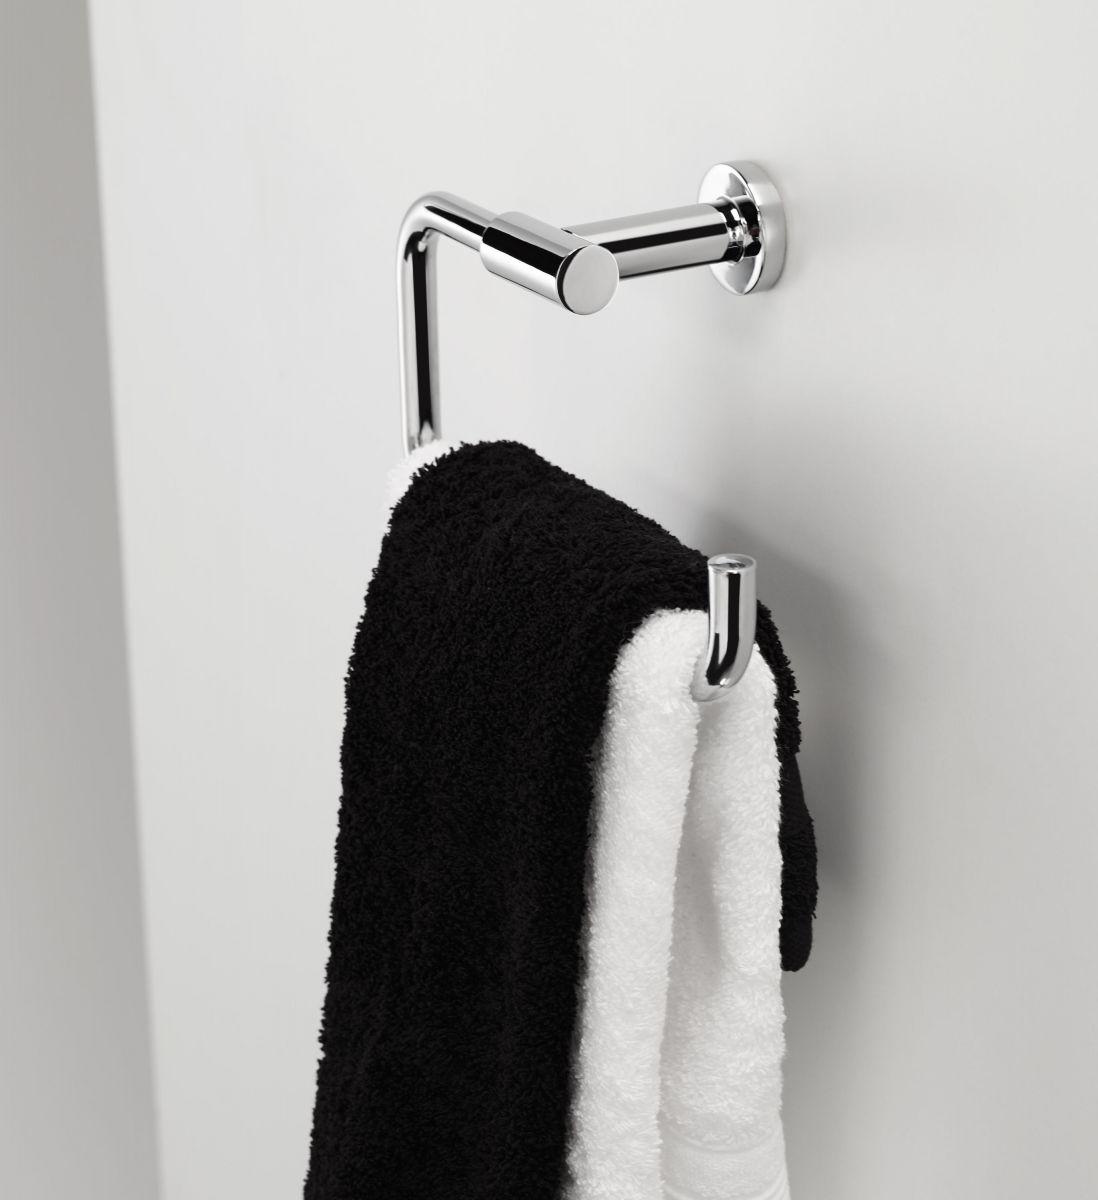 Cosmic Towel Rack 230